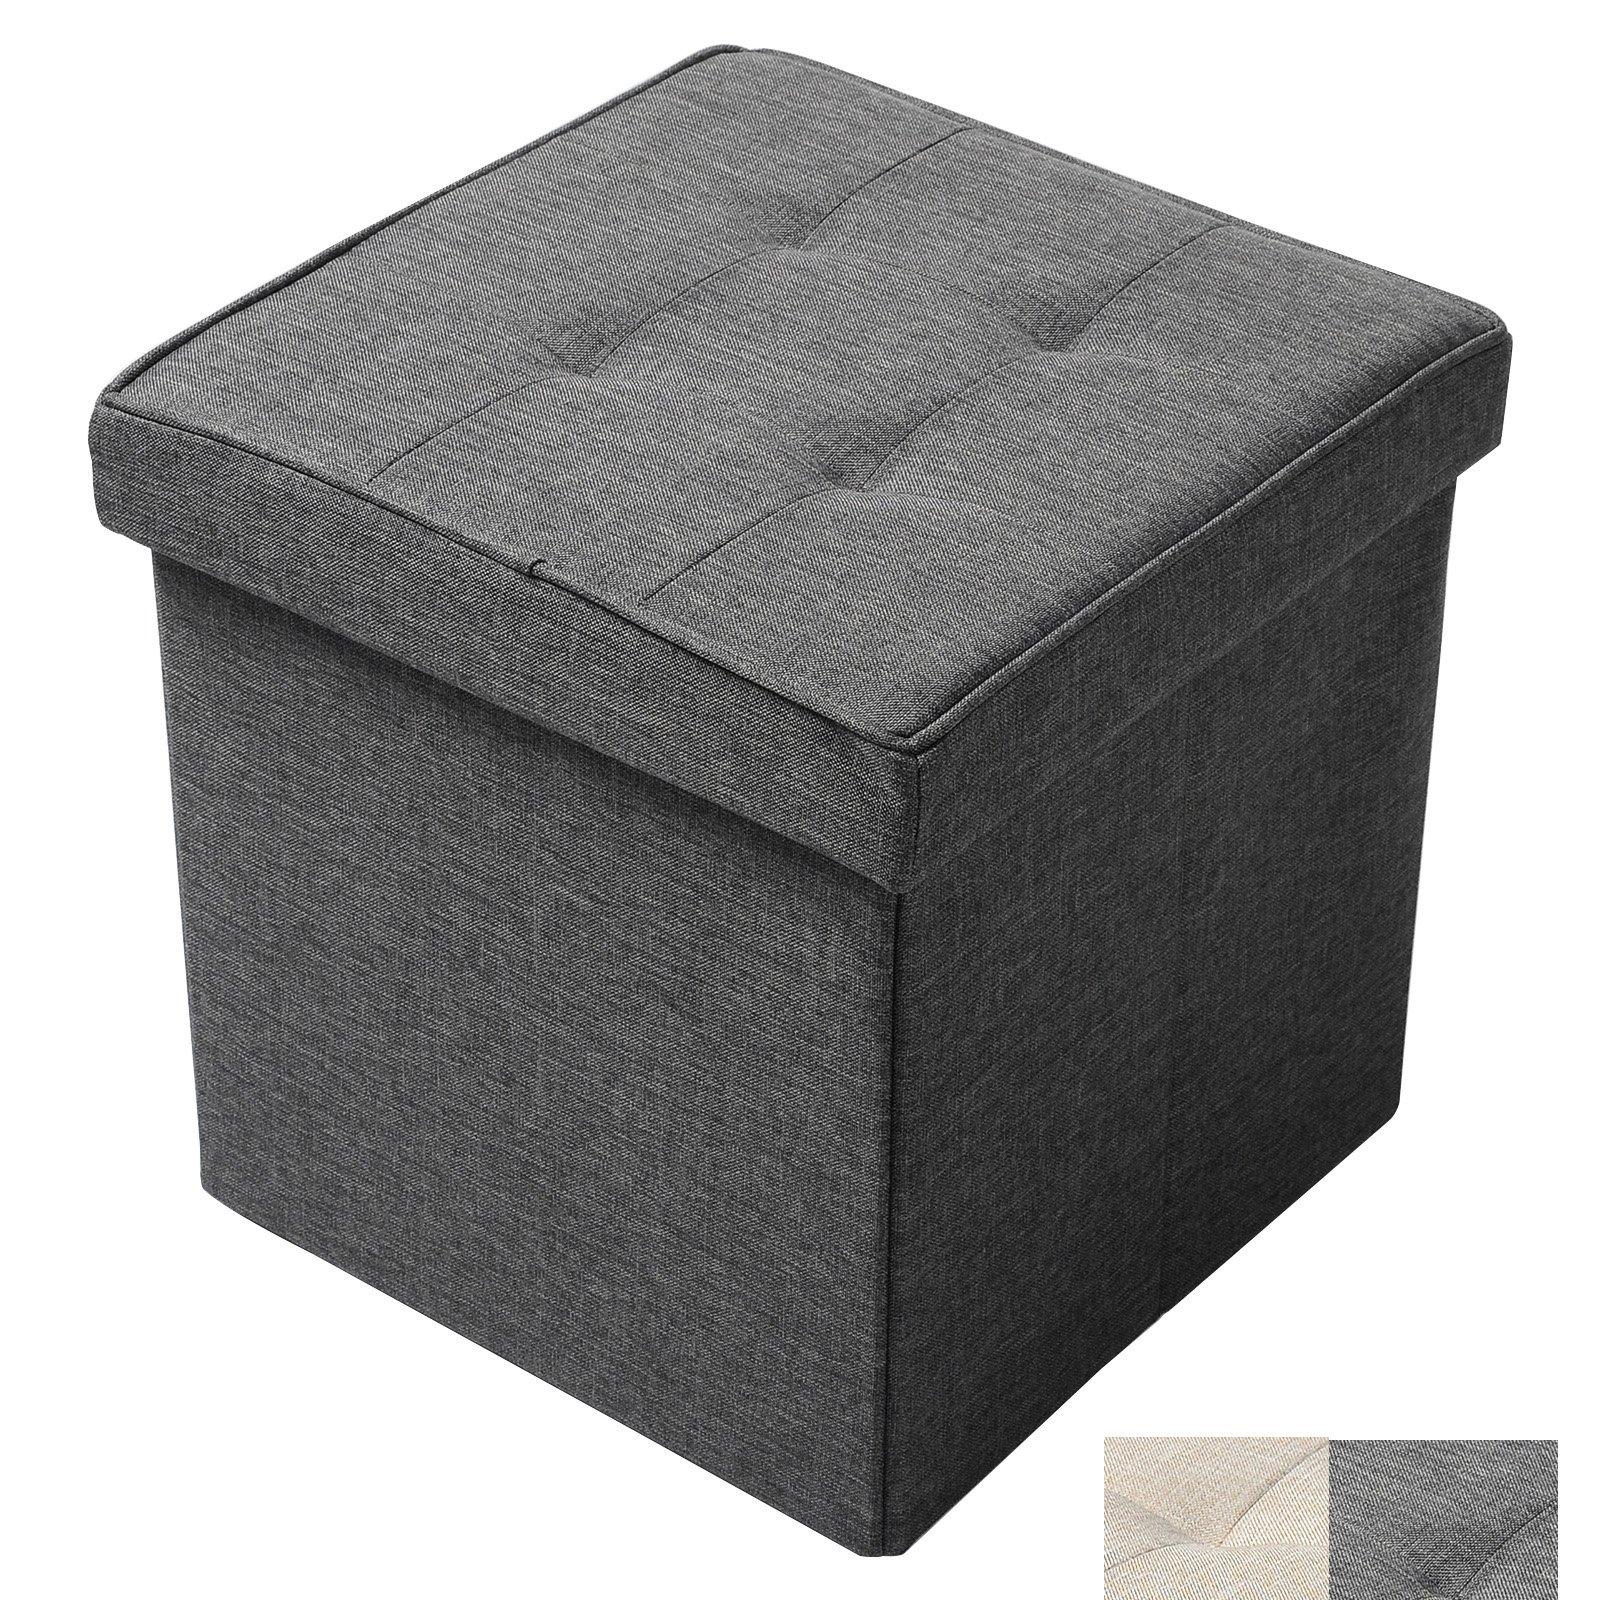 WOLTU Ottoman Foldaway Storage Blanket Toy Box Bench Oxford cloth Dark Gray Cube 15 inch